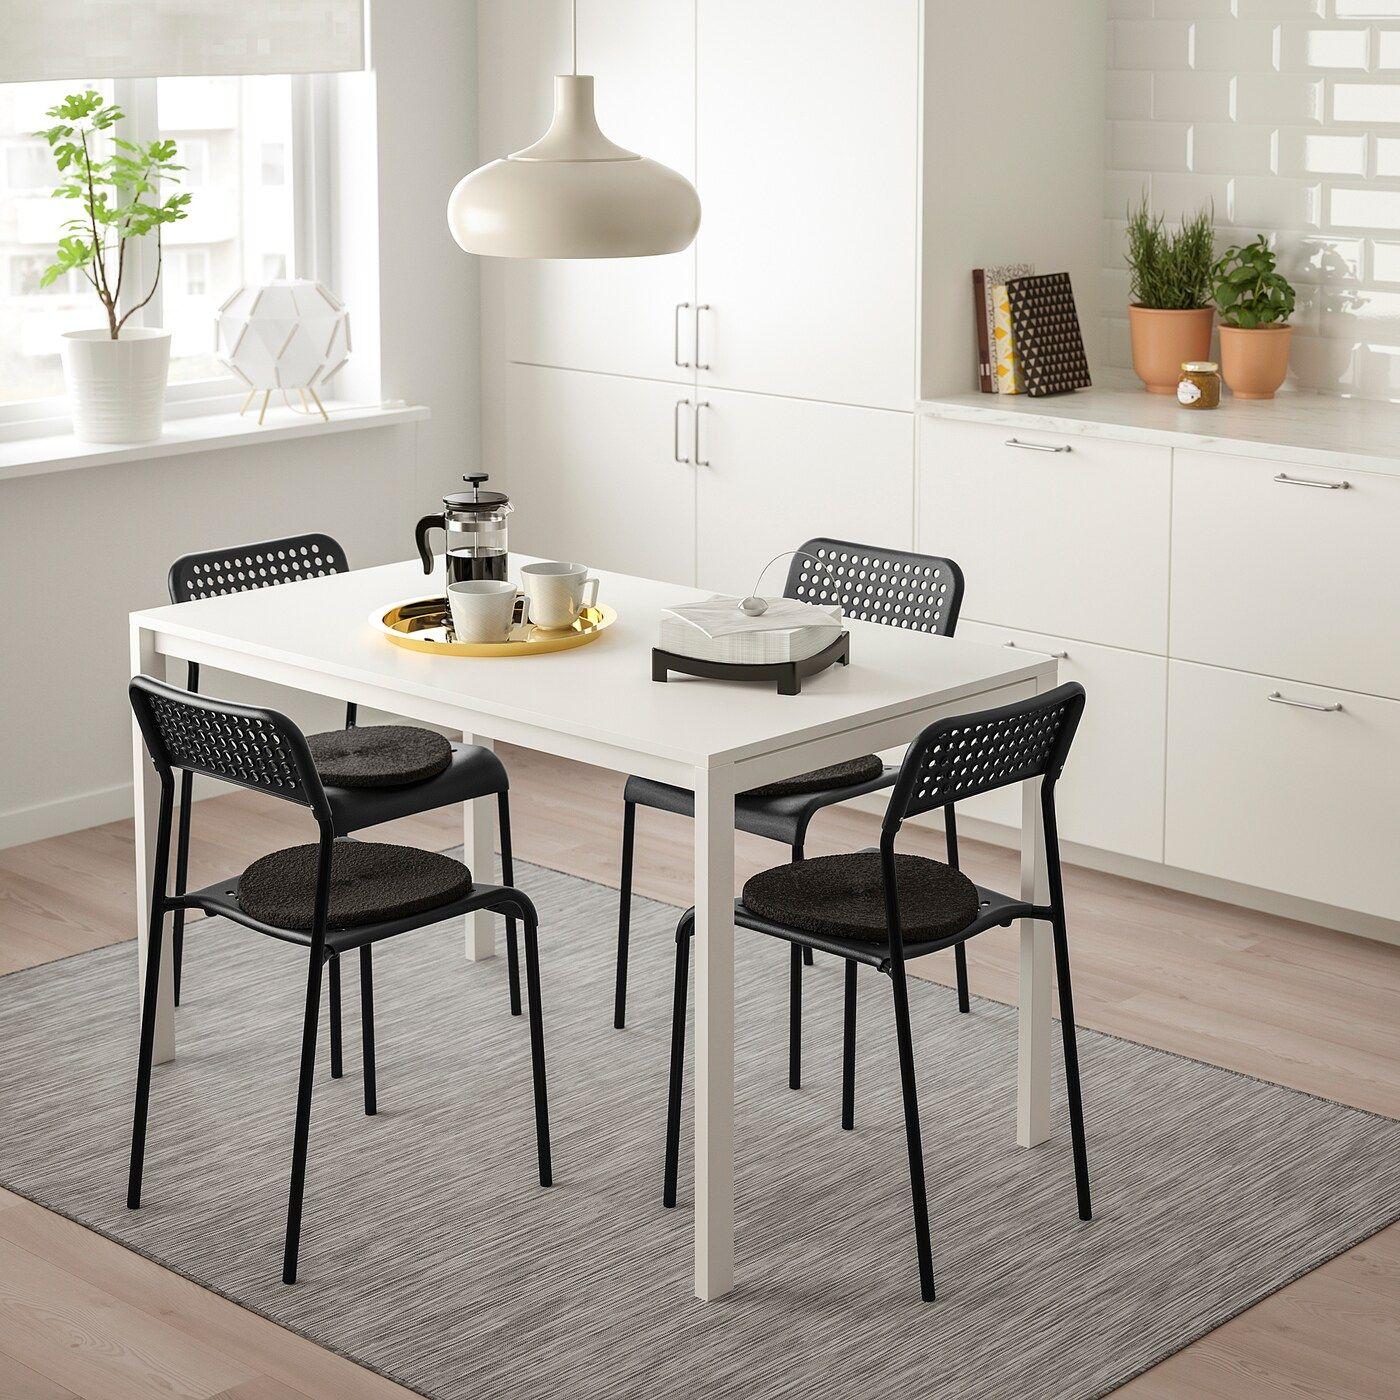 Melltorp Adde Tisch Und 4 Stuhle Weiss Schwarz Ikea